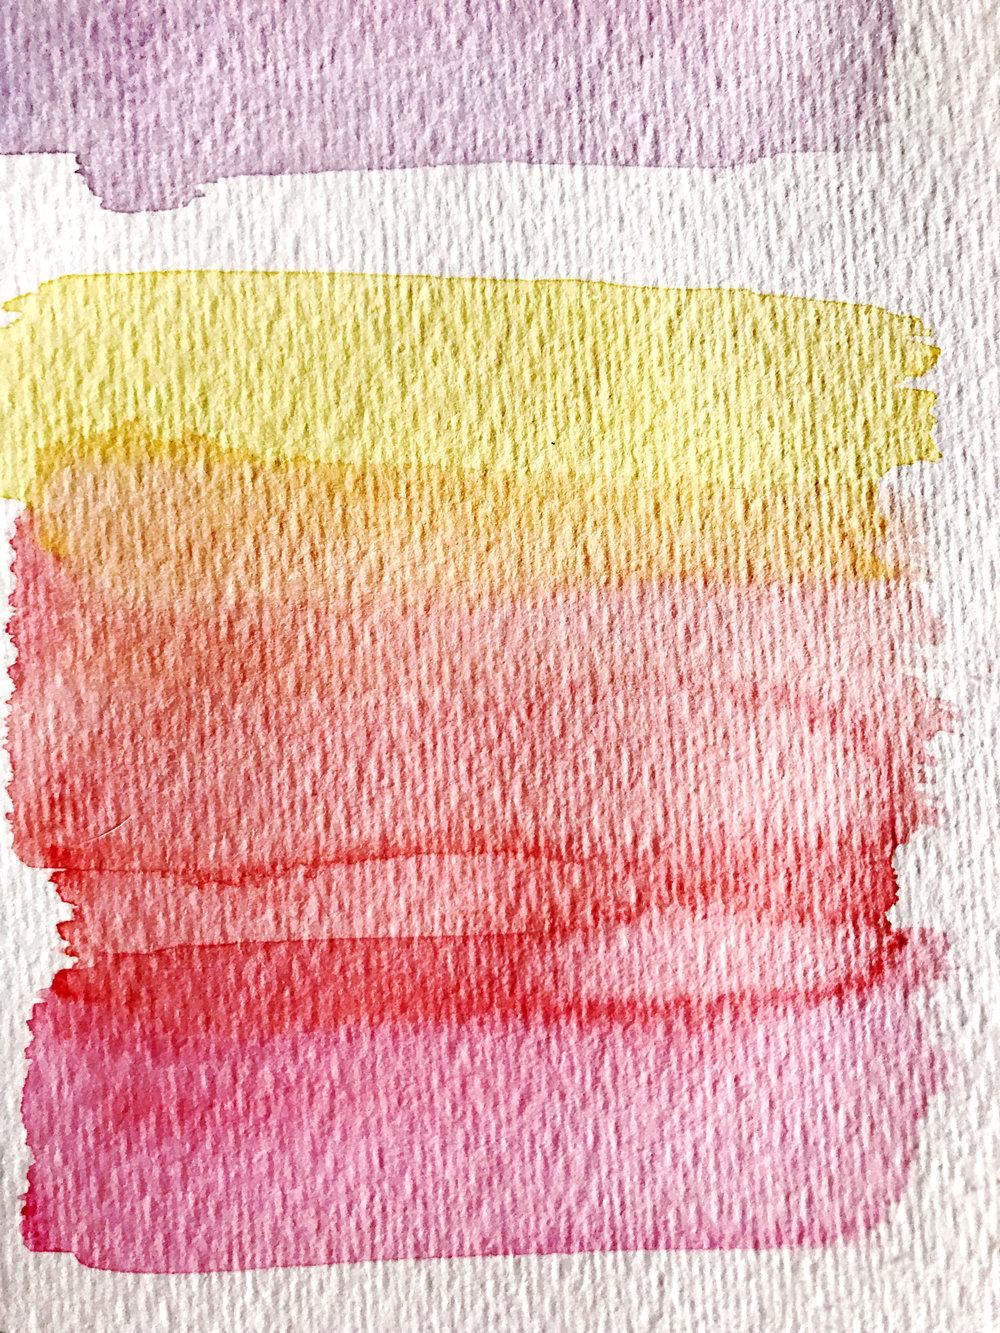 yelloworangepinkpurplewatercolor.jpg